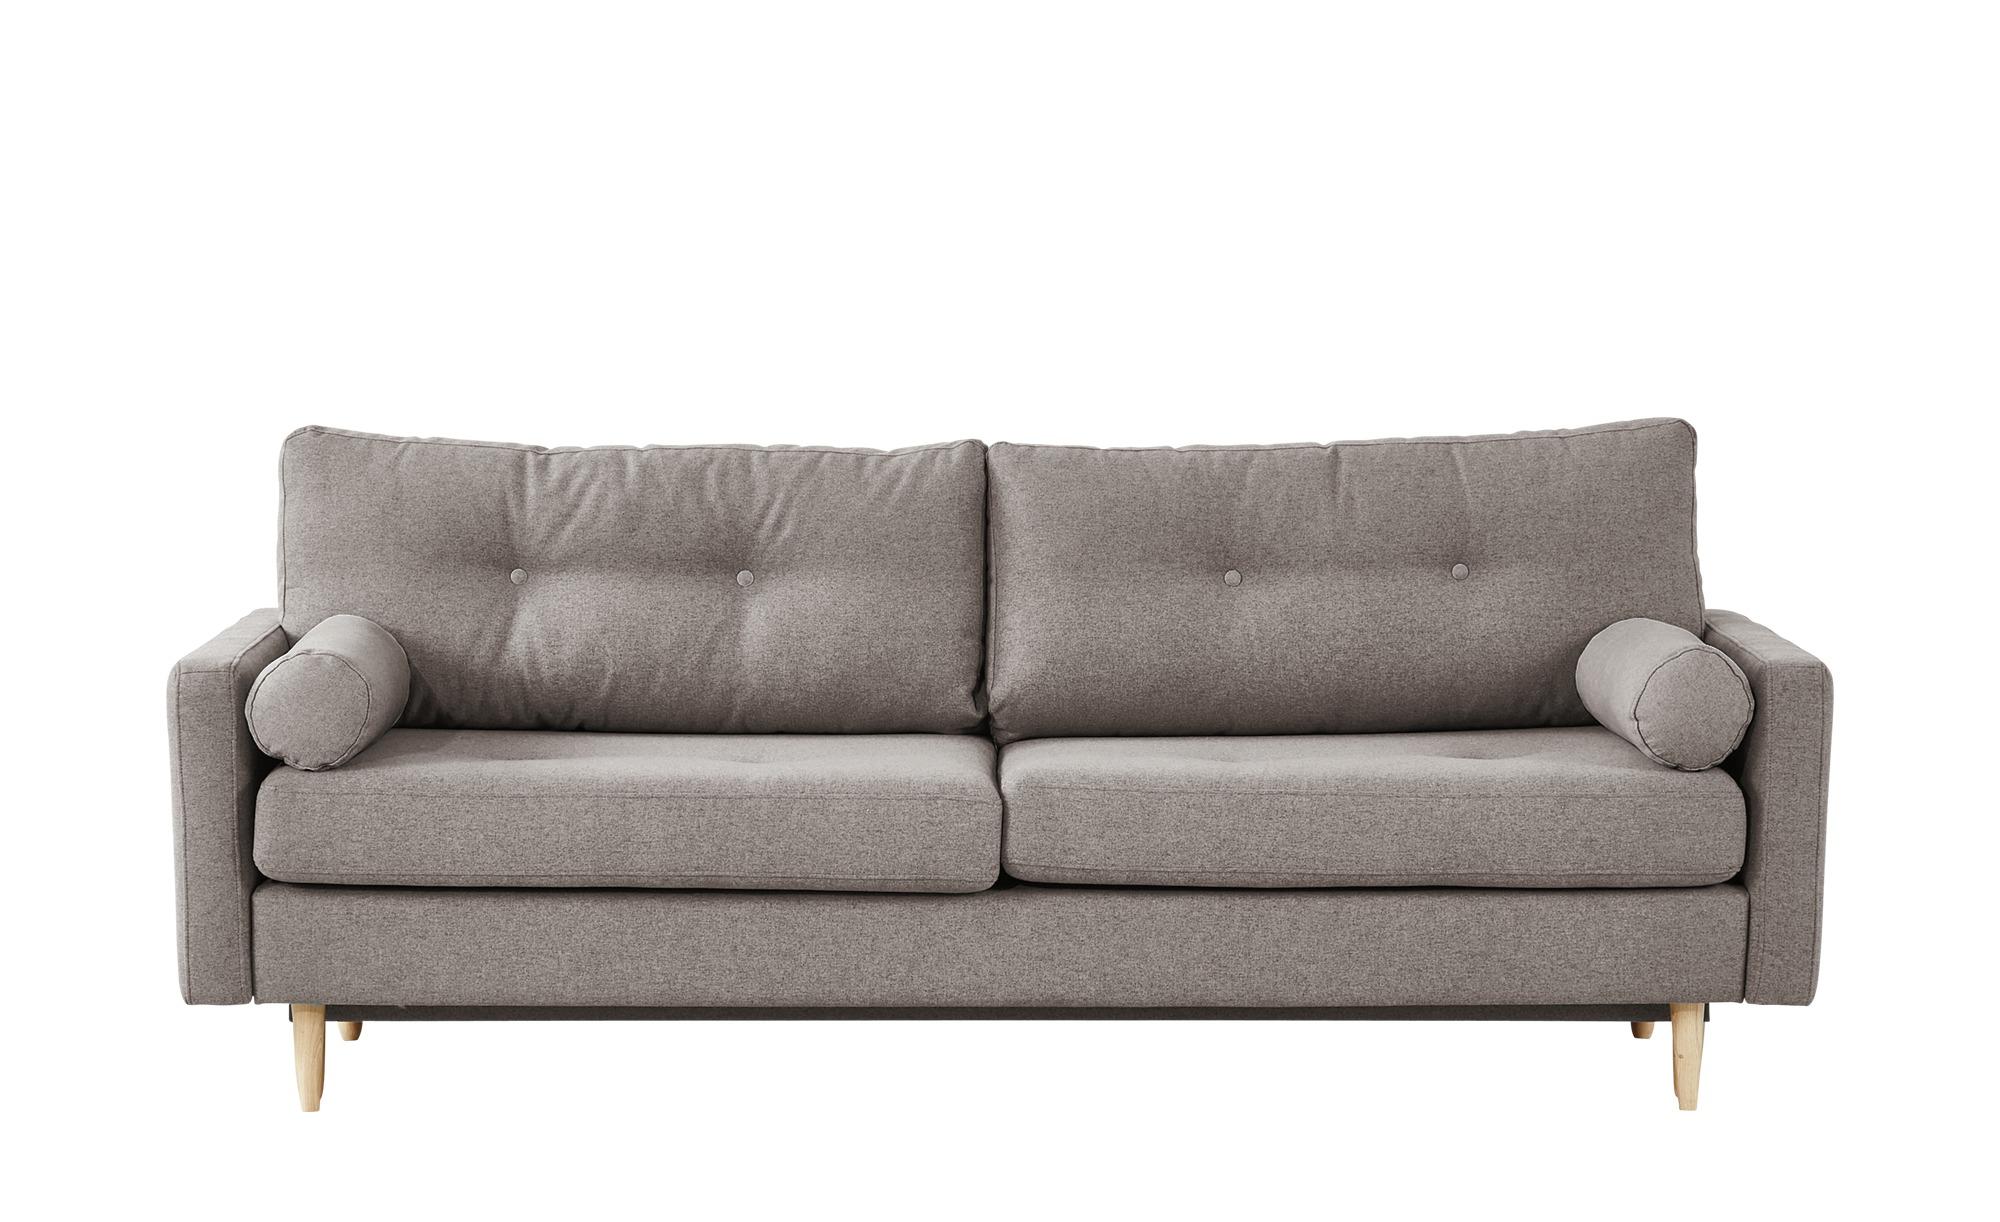 finya Design-Schlafsofa 3-sitzig grau-braun - Webstoff Pure ¦ Maße (cm): B: 218 H: 85 T: 93 Polstermöbel > Sofas > 3-Sitzer - Höffner